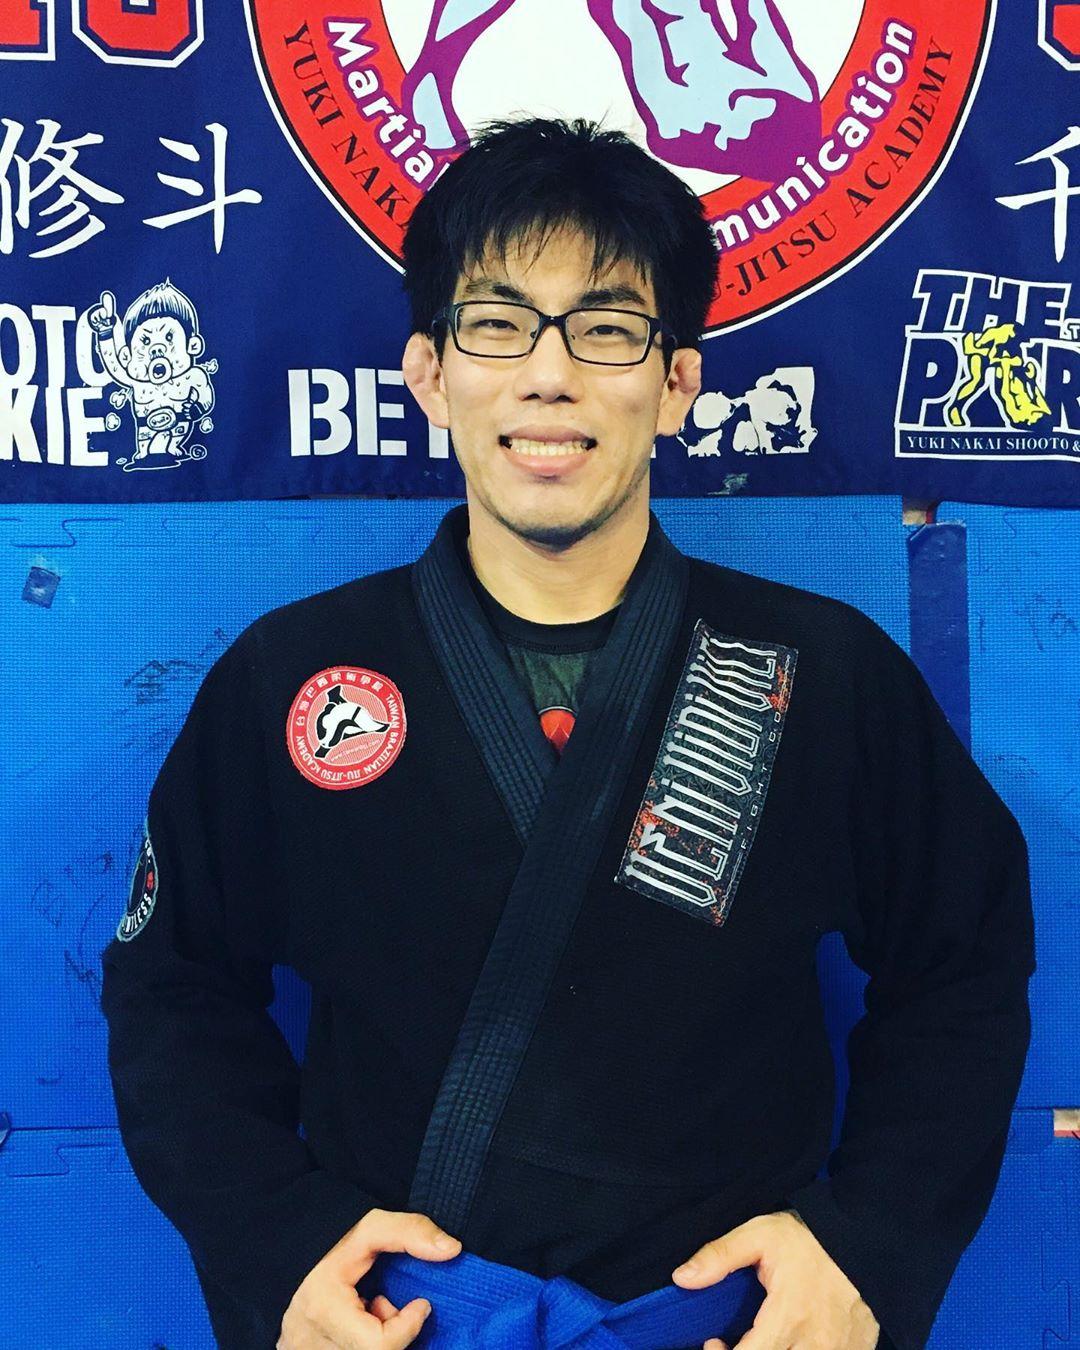 先日の日曜日7/14に沖縄県のお隣で行われた台湾国際柔術トーナメントに湯本くんが単身出場し、自身の階級を2回勝って優勝、無差別級は2回勝って3位と大健闘の結果をお土産に帰ってきてくれました! 勝利も殆どがバックからの襟締めで一本勝ち。 この春、多忙な職に就きつつも大好きな柔術の練習を熟し試合出場、そして結果を残す。 素晴らしい柔術LIFEです。 ヤッタゼ!湯本くん!おめでとう㊗️ #湯本一由 #台湾国際柔術 #パラエストラ #沖縄 #那覇 #与儀 #MMA #shooto #コザ #総合格闘技 #修斗 #キックボクシング #柔術 #jiujitsu #ダイエット